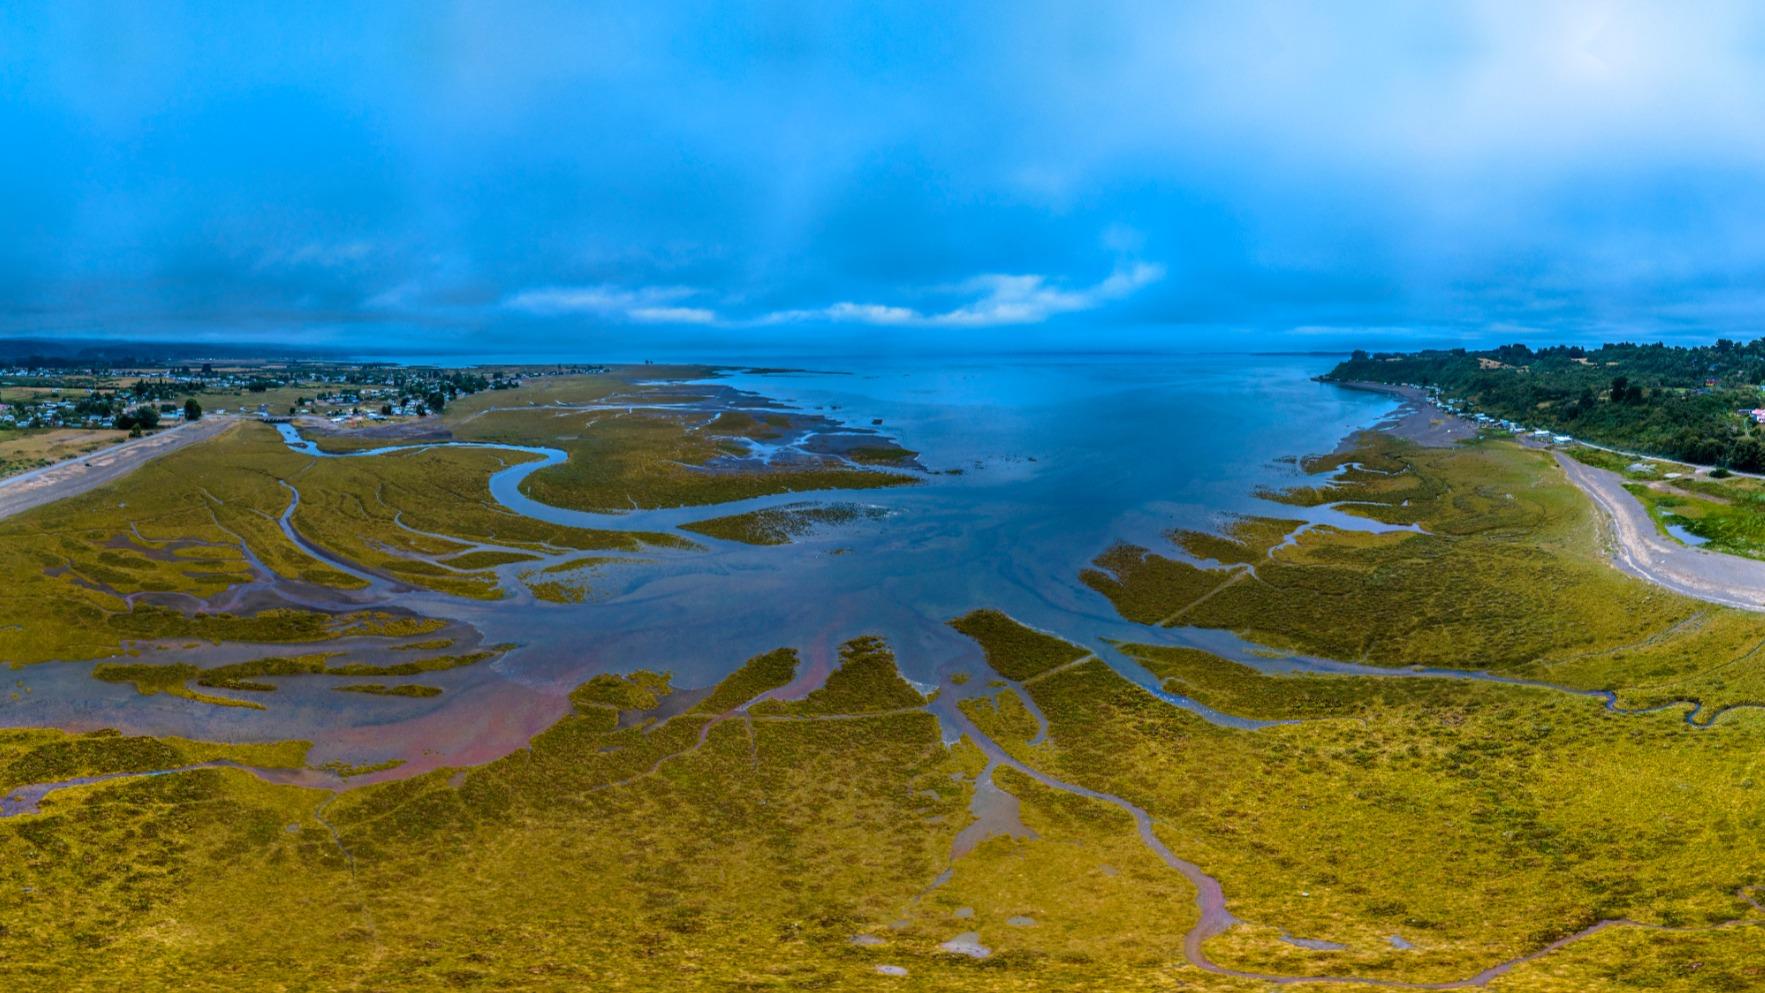 Río Coihuin Puerto Montt Los Lagos